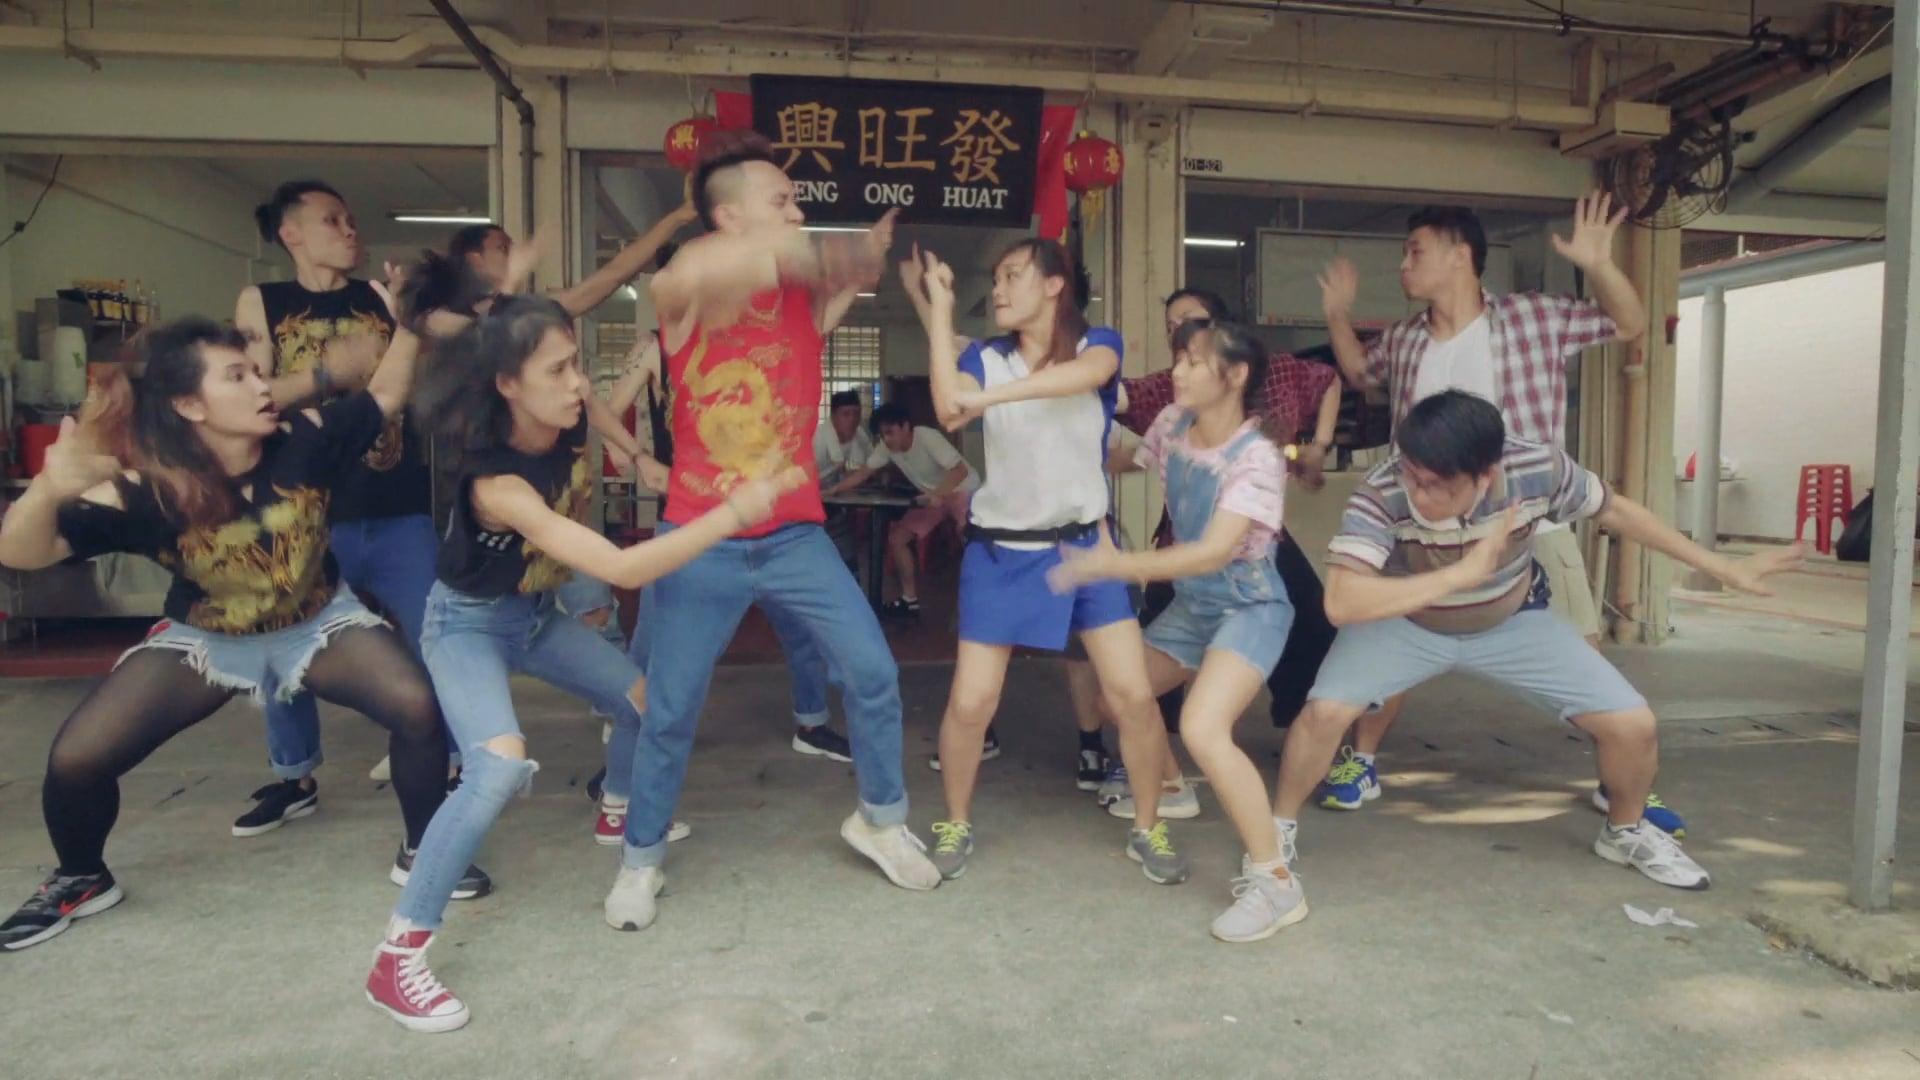 Heng Ong Huat 168 Coffeeshop (Dance)